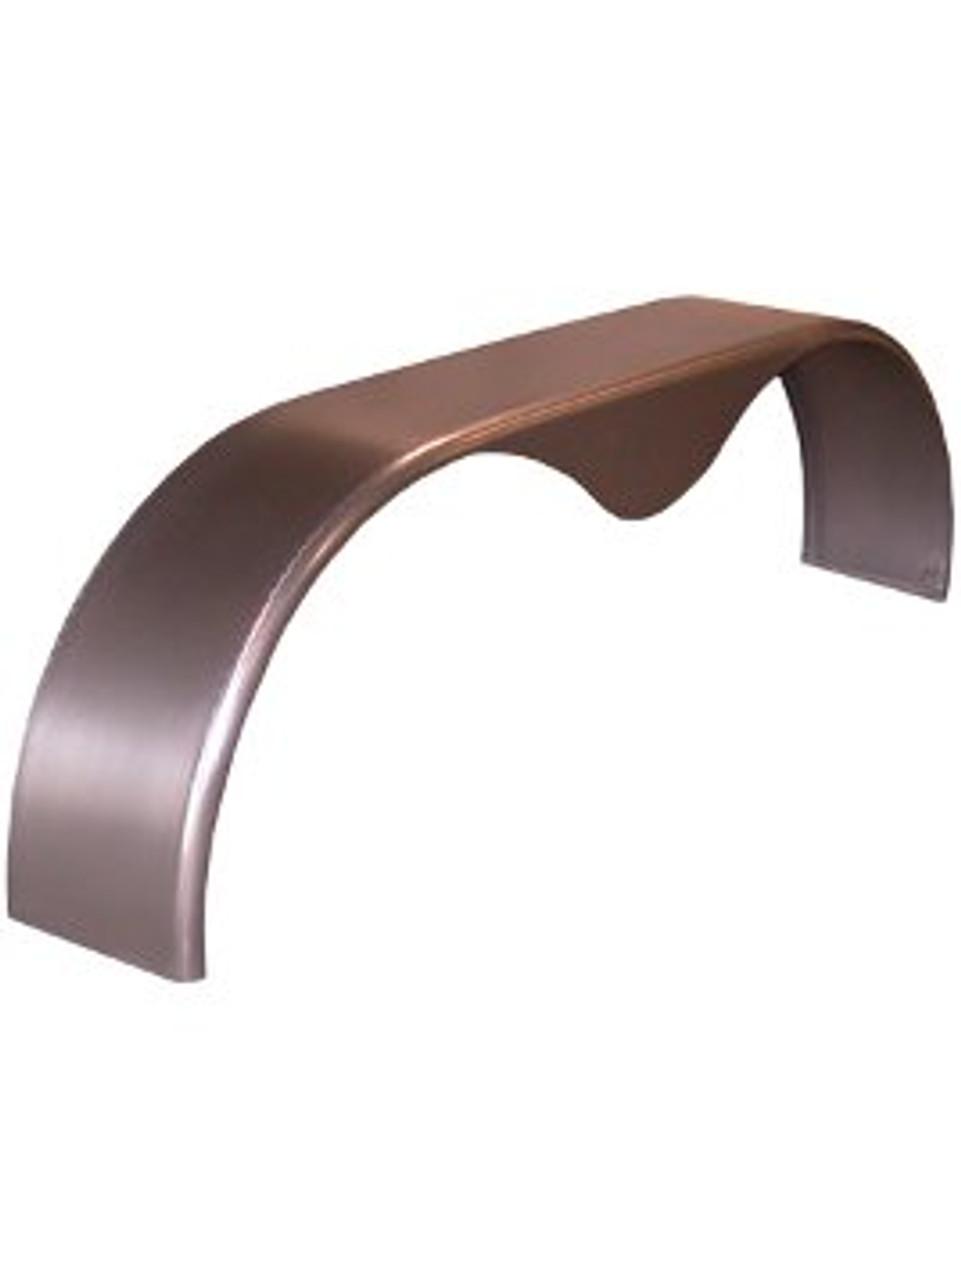 TTD2223-72 --- Tear Drop Tandem Fender - 16 gauge steel